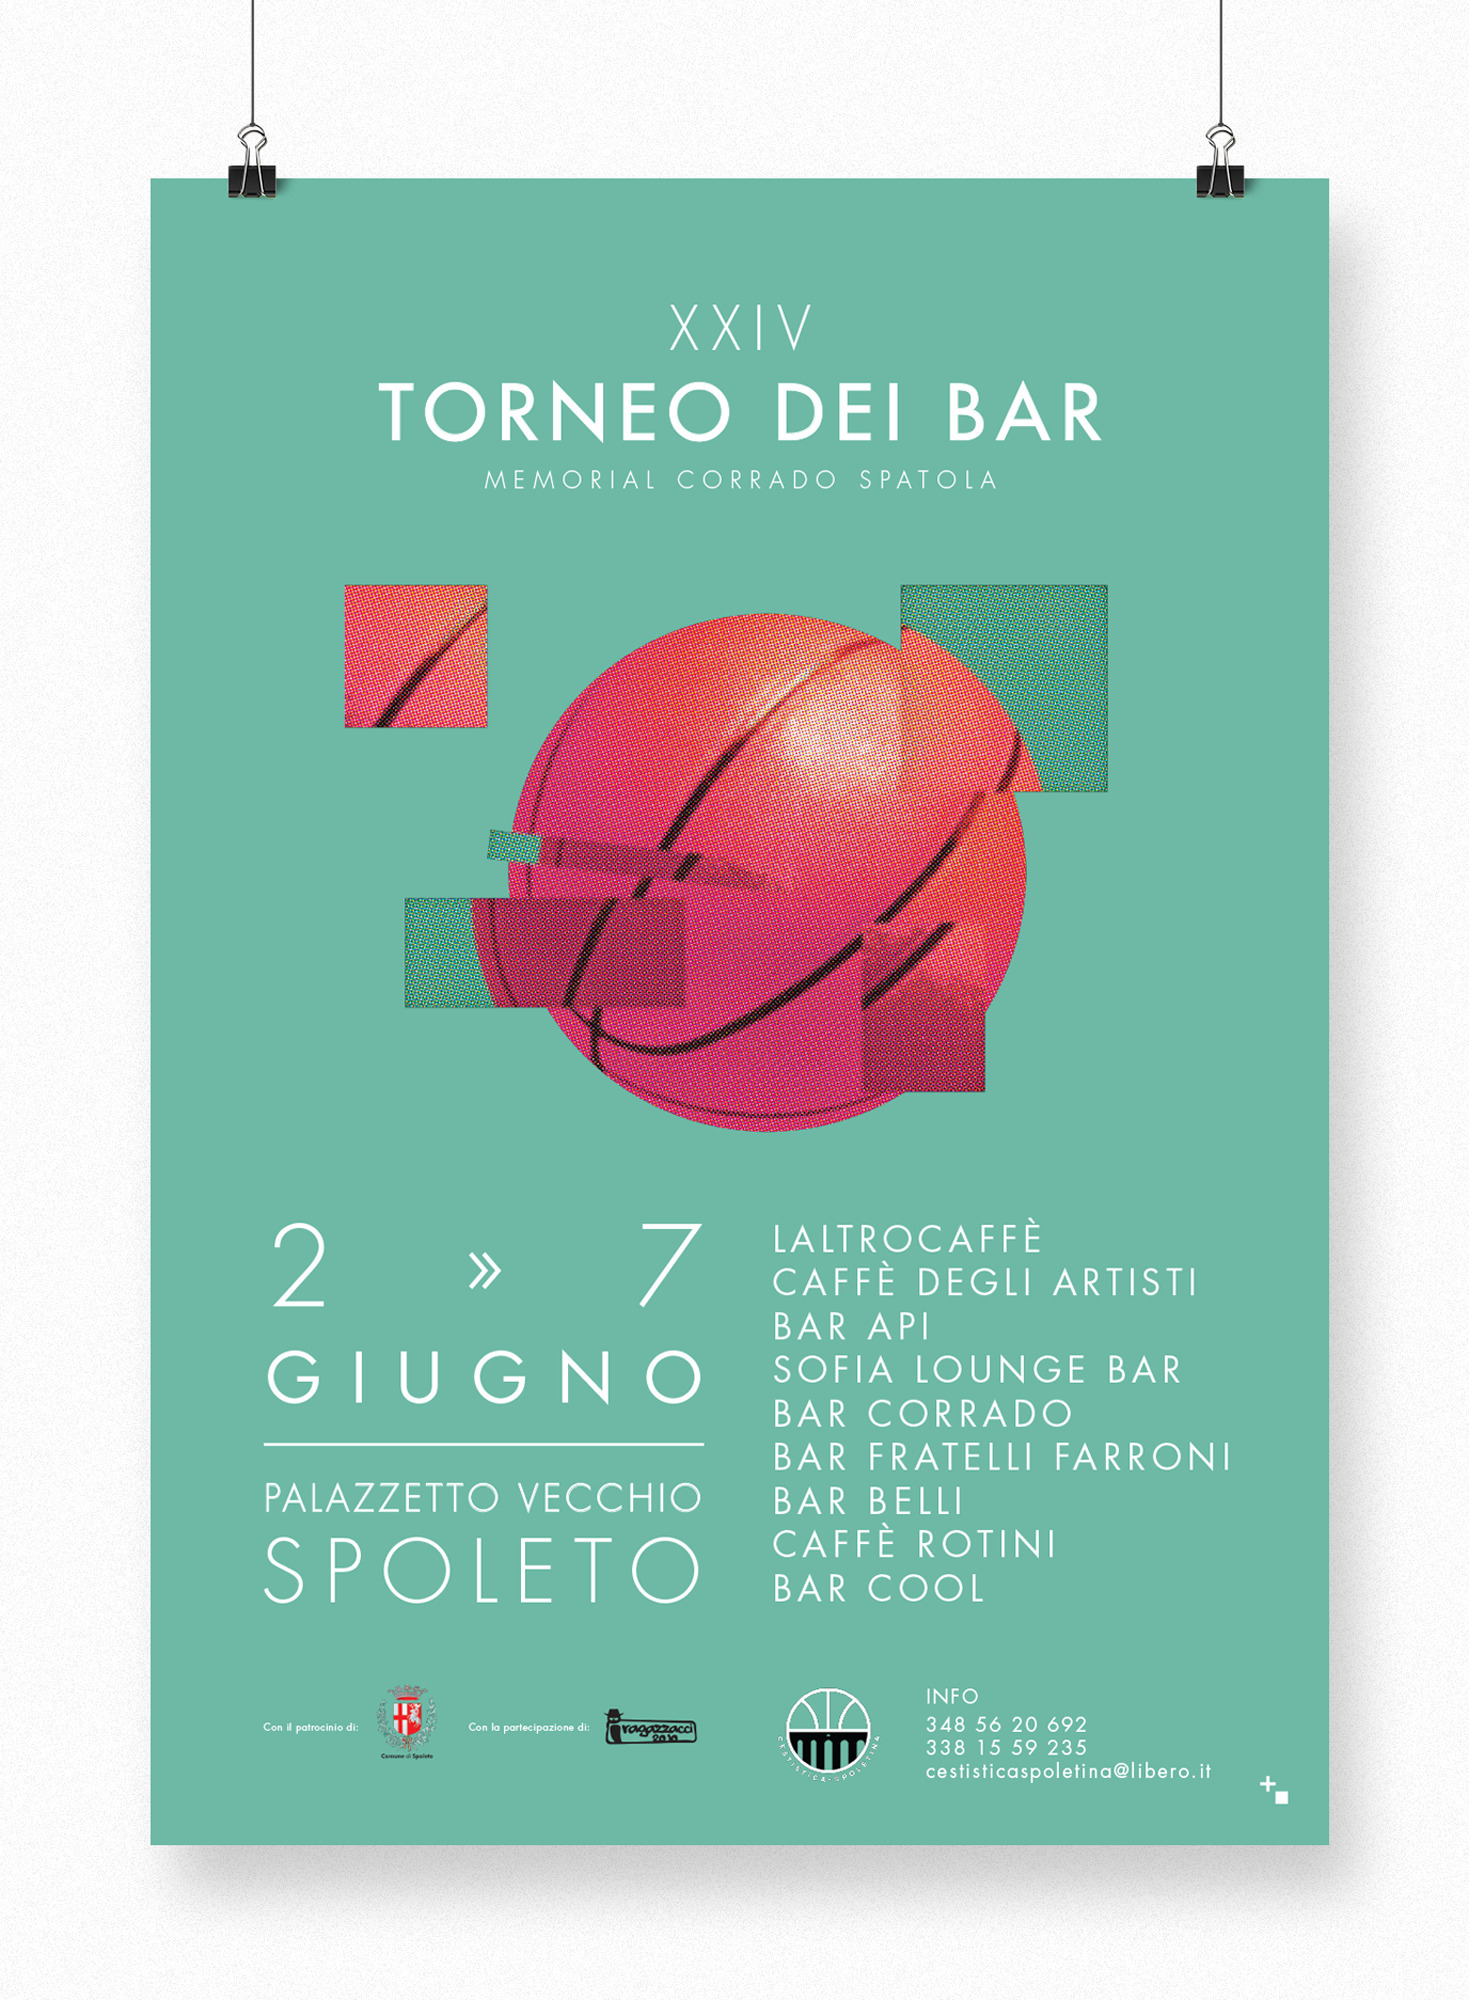 Torneo dei bar - Basket - graphicdesign - maestroambrosiano | ello